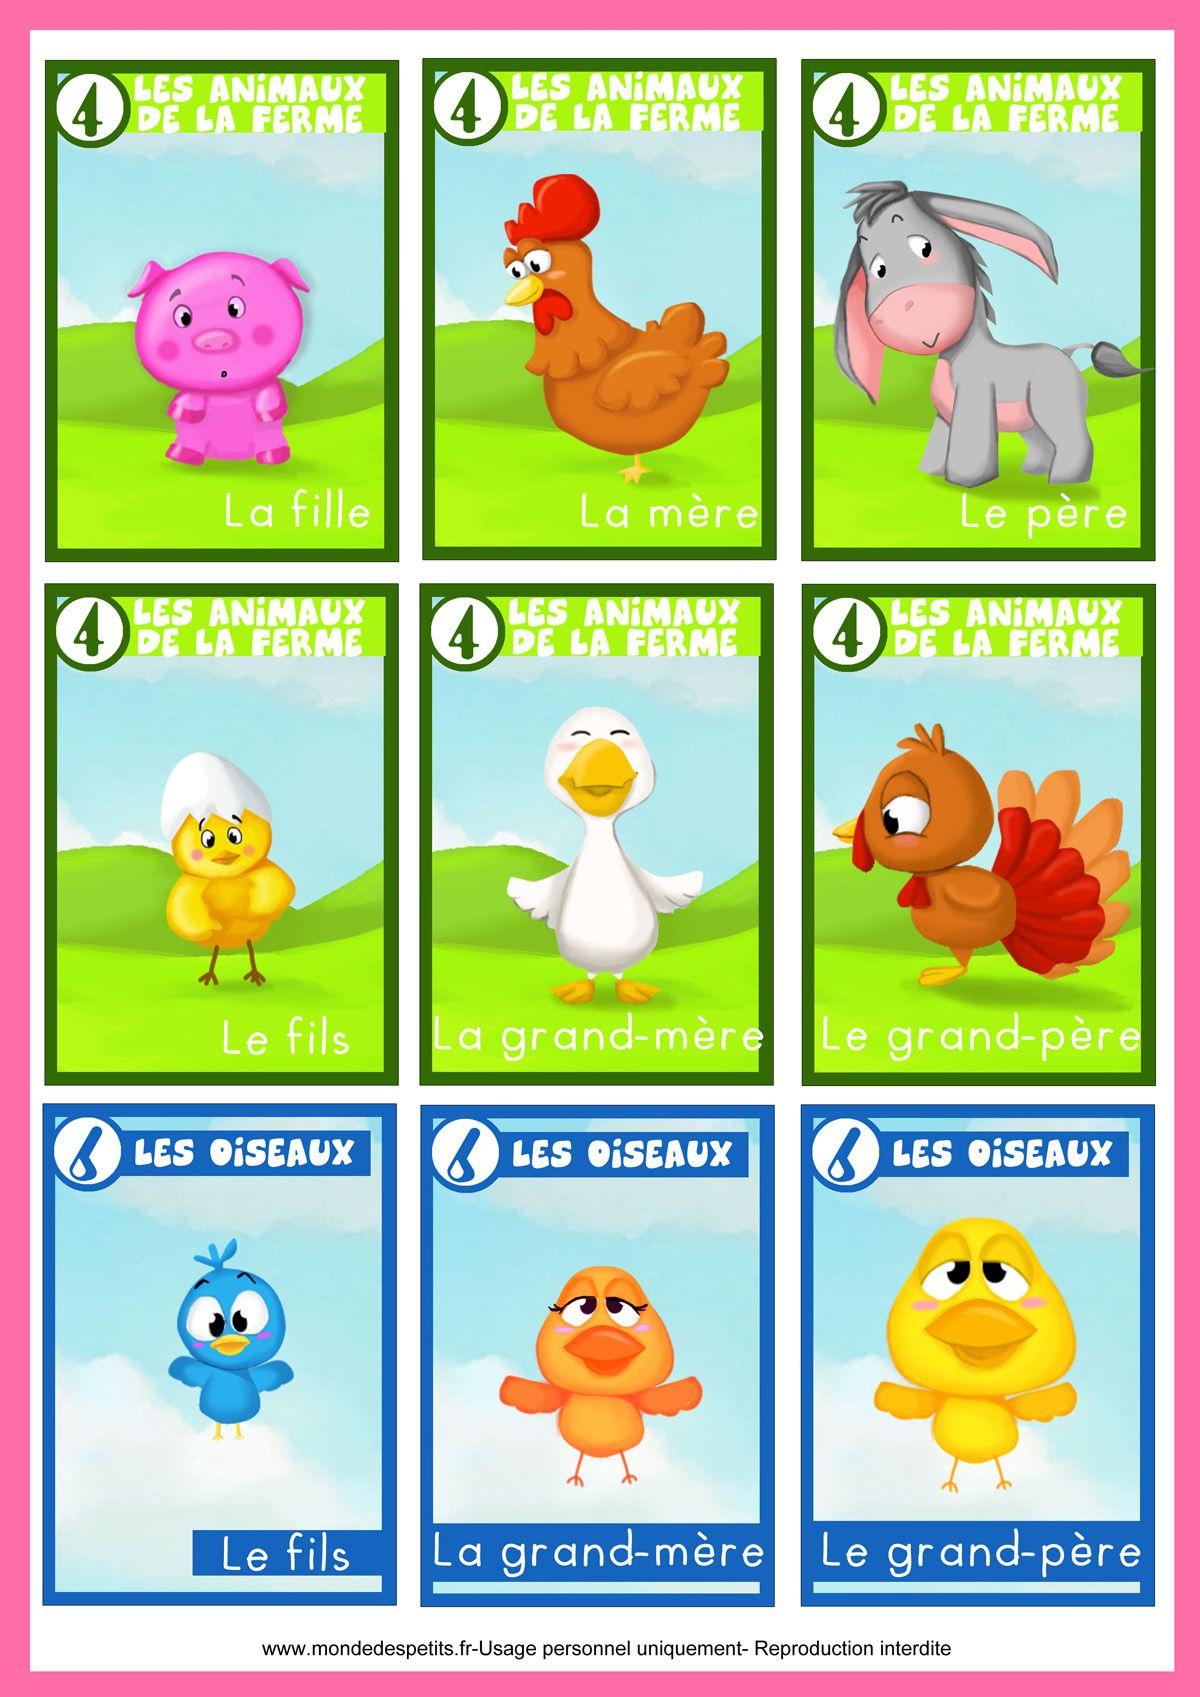 Jeu Des 7 Familles Animaux | Jeux Des 7 Familles, Jeux De avec Jeux De Fille 4 Ans Gratuit